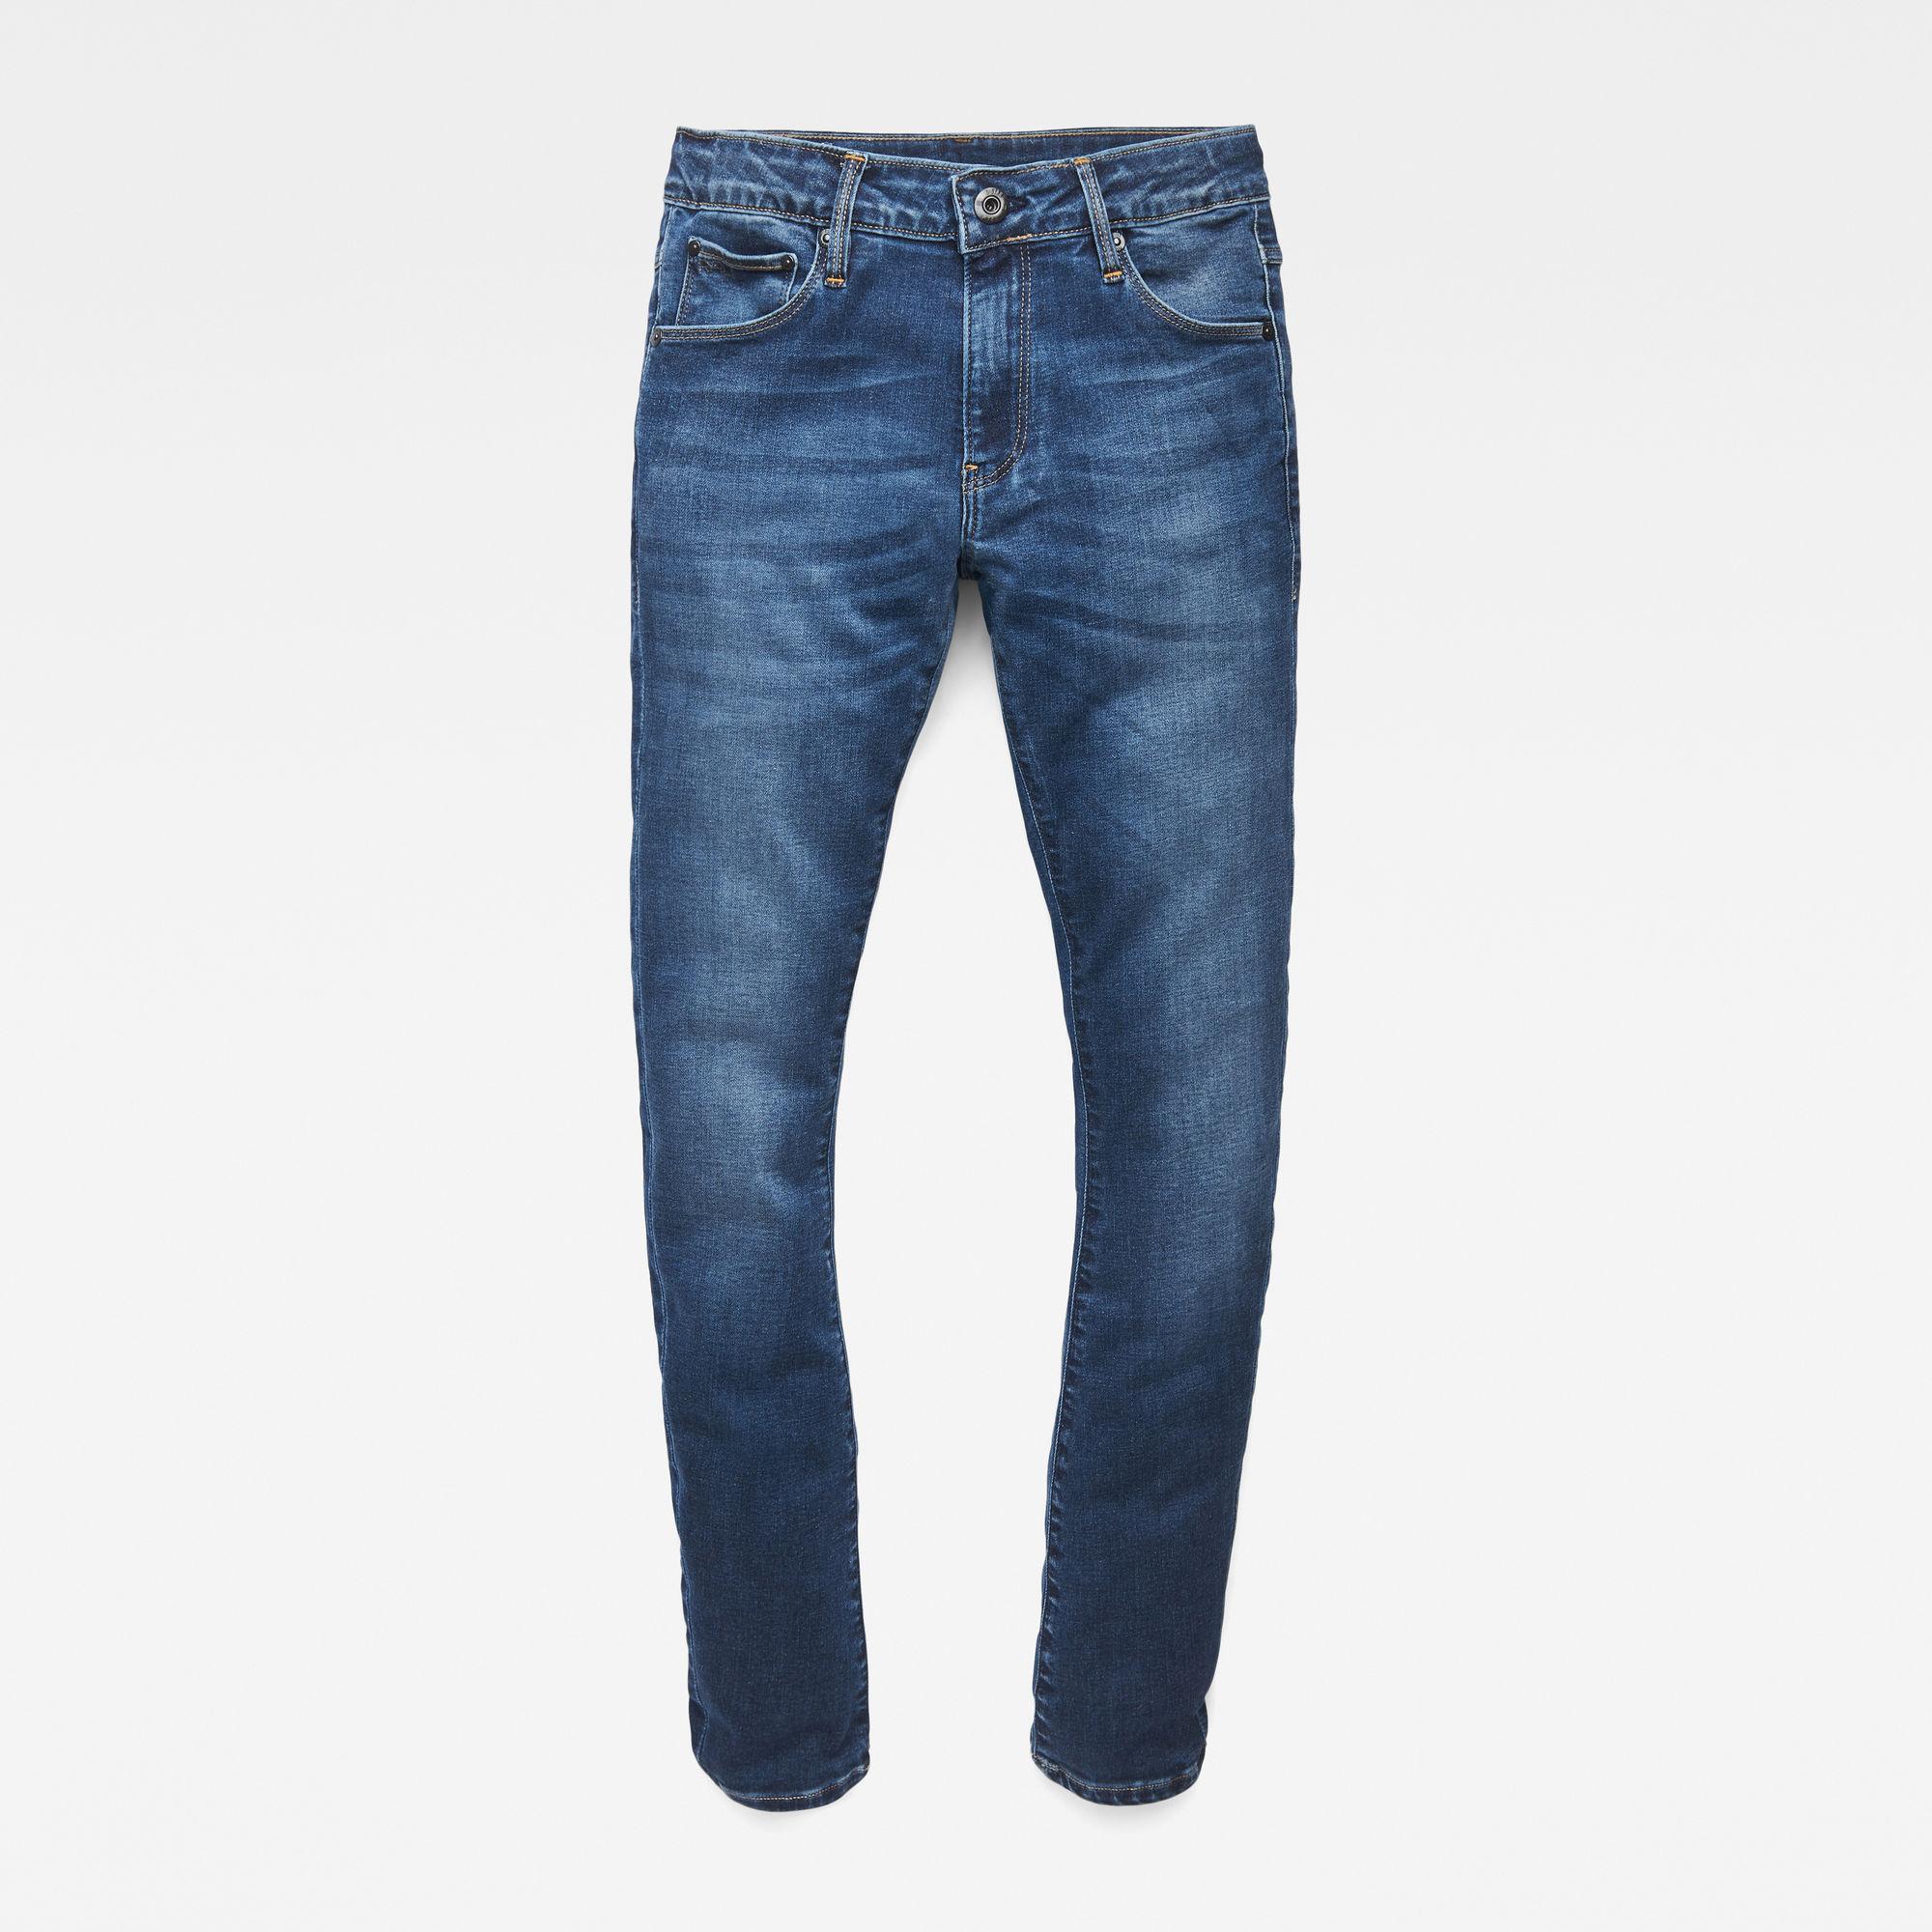 G-Star RAW Meisjes 3301 Super Skinny Jeans Blauw